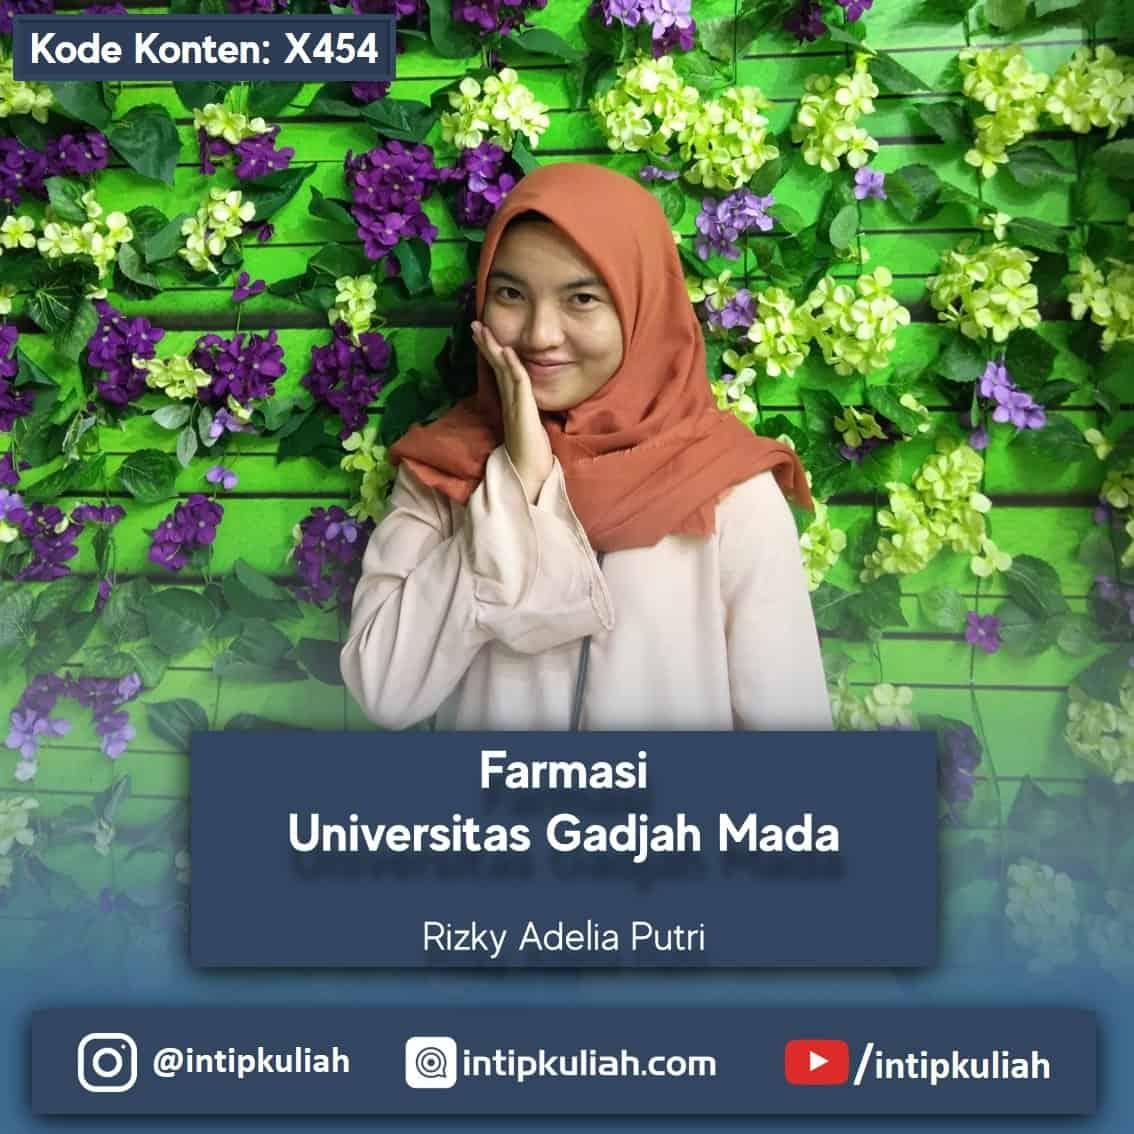 Farmasi Universitas Gadjah Mada (Adel)